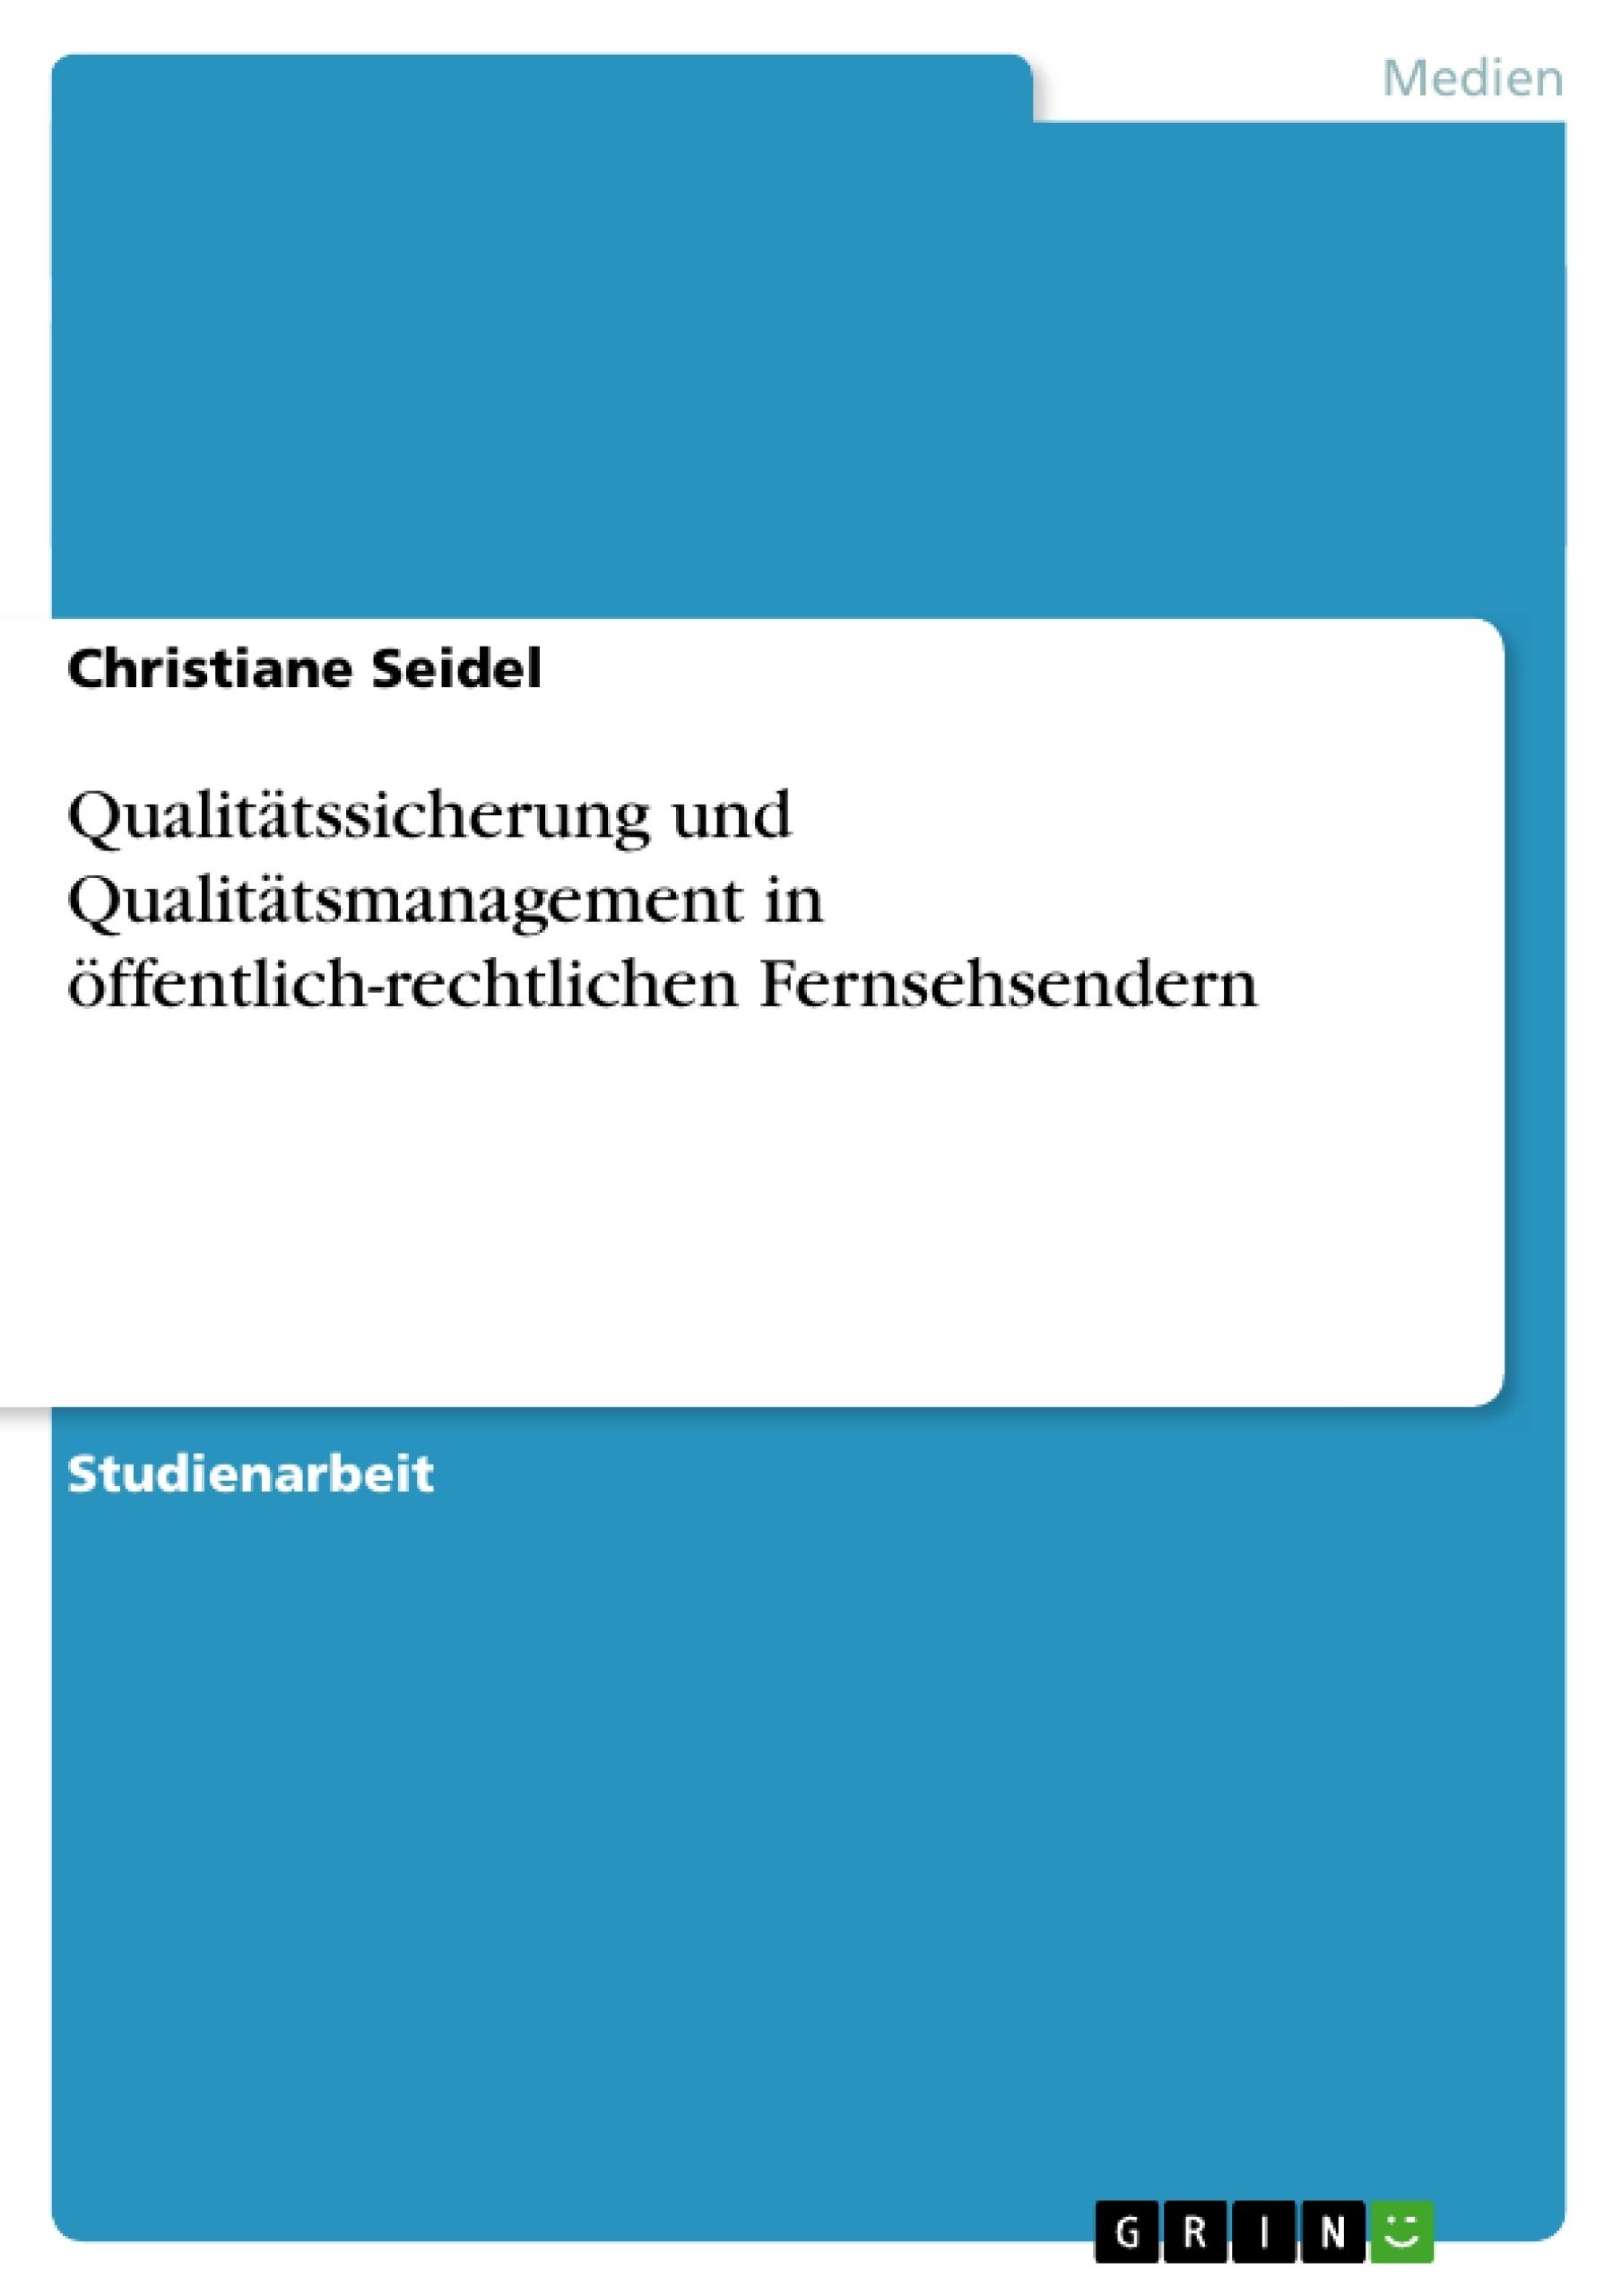 Titel: Qualitätssicherung und Qualitätsmanagement in öffentlich-rechtlichen Fernsehsendern